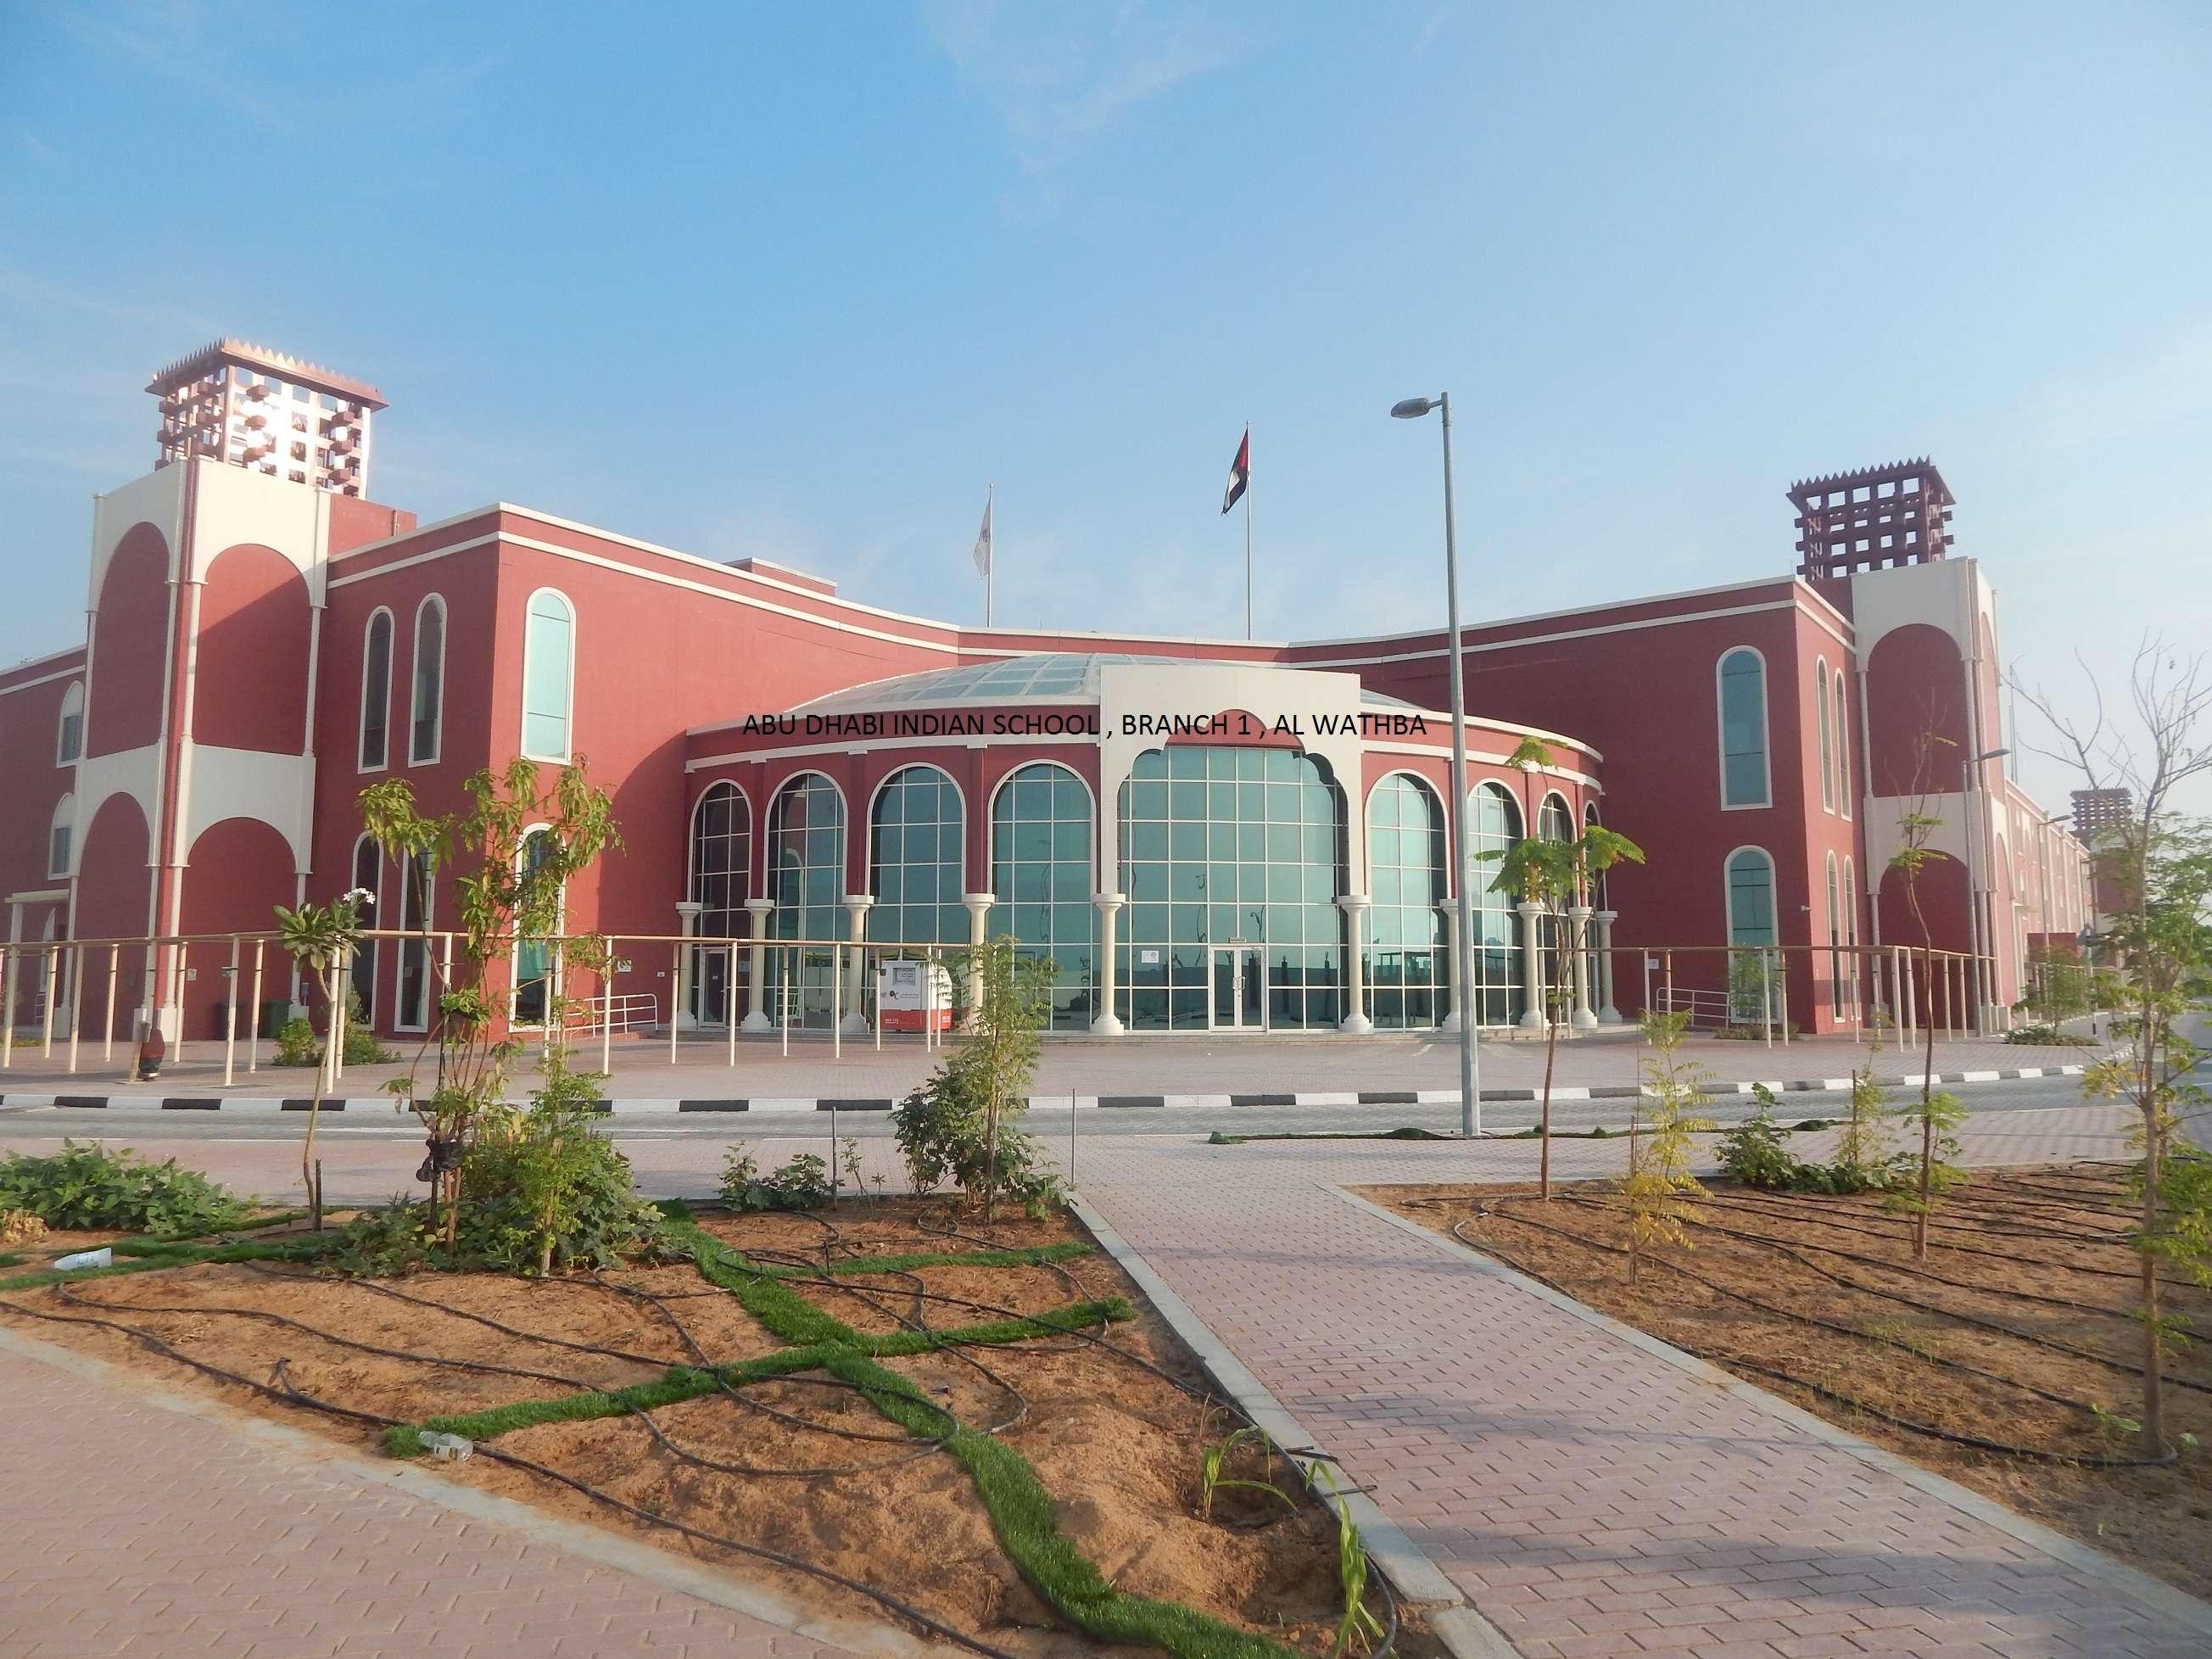 ABU DHABI INDIAN SCHOOL BRANCH 1 UNITED ARAB EMIRATES FOREIGN SCHOOLS 6630083